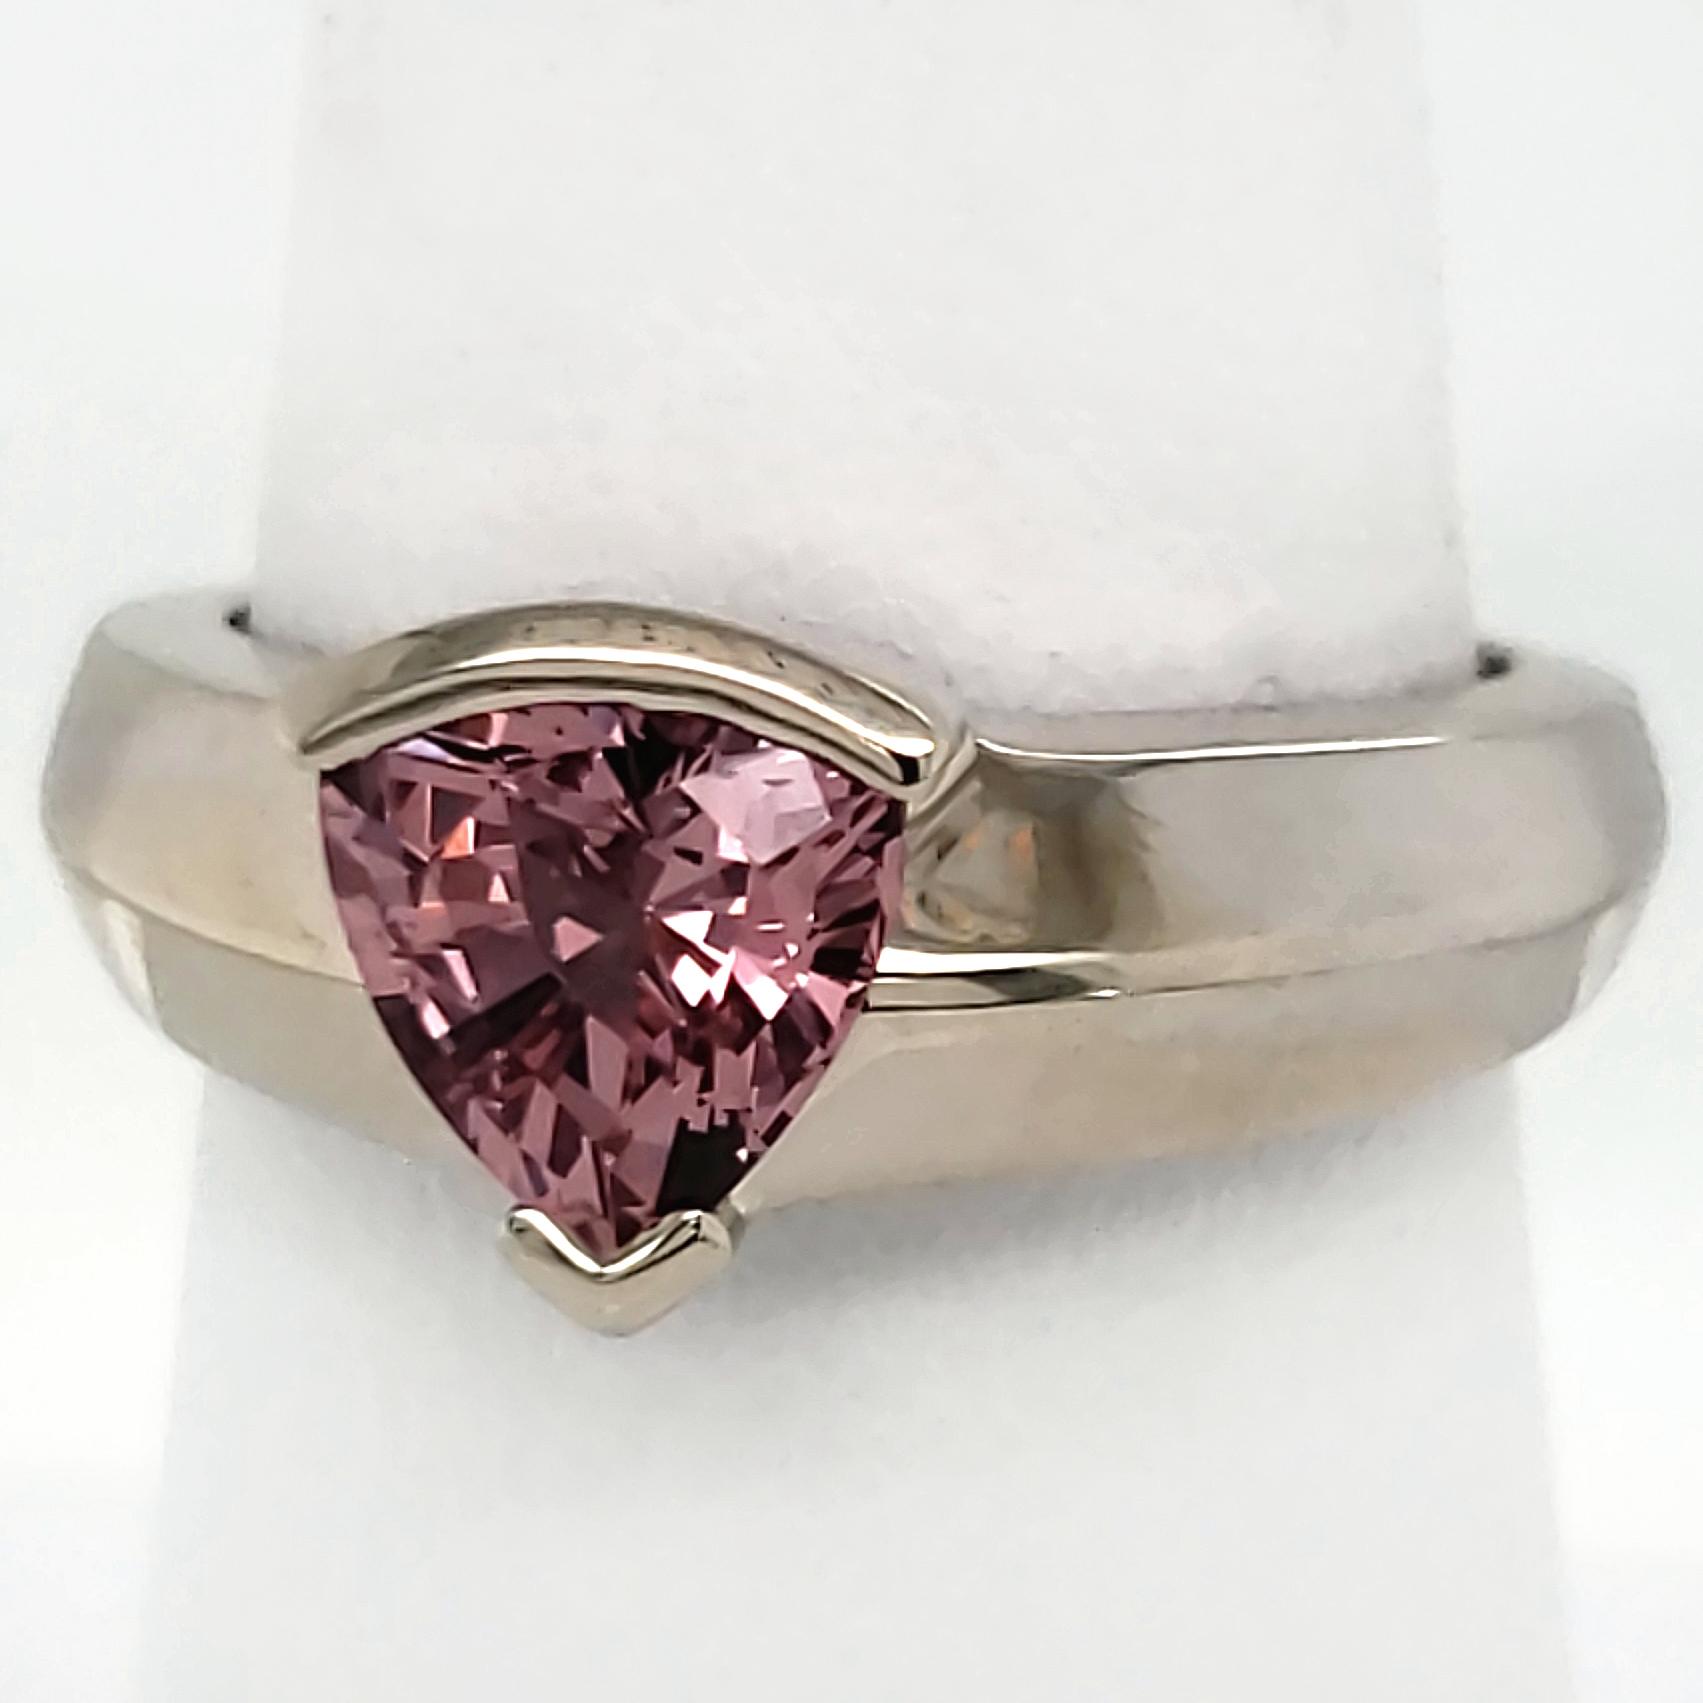 1.69 ct. Pink Garnet 14k wg Ring